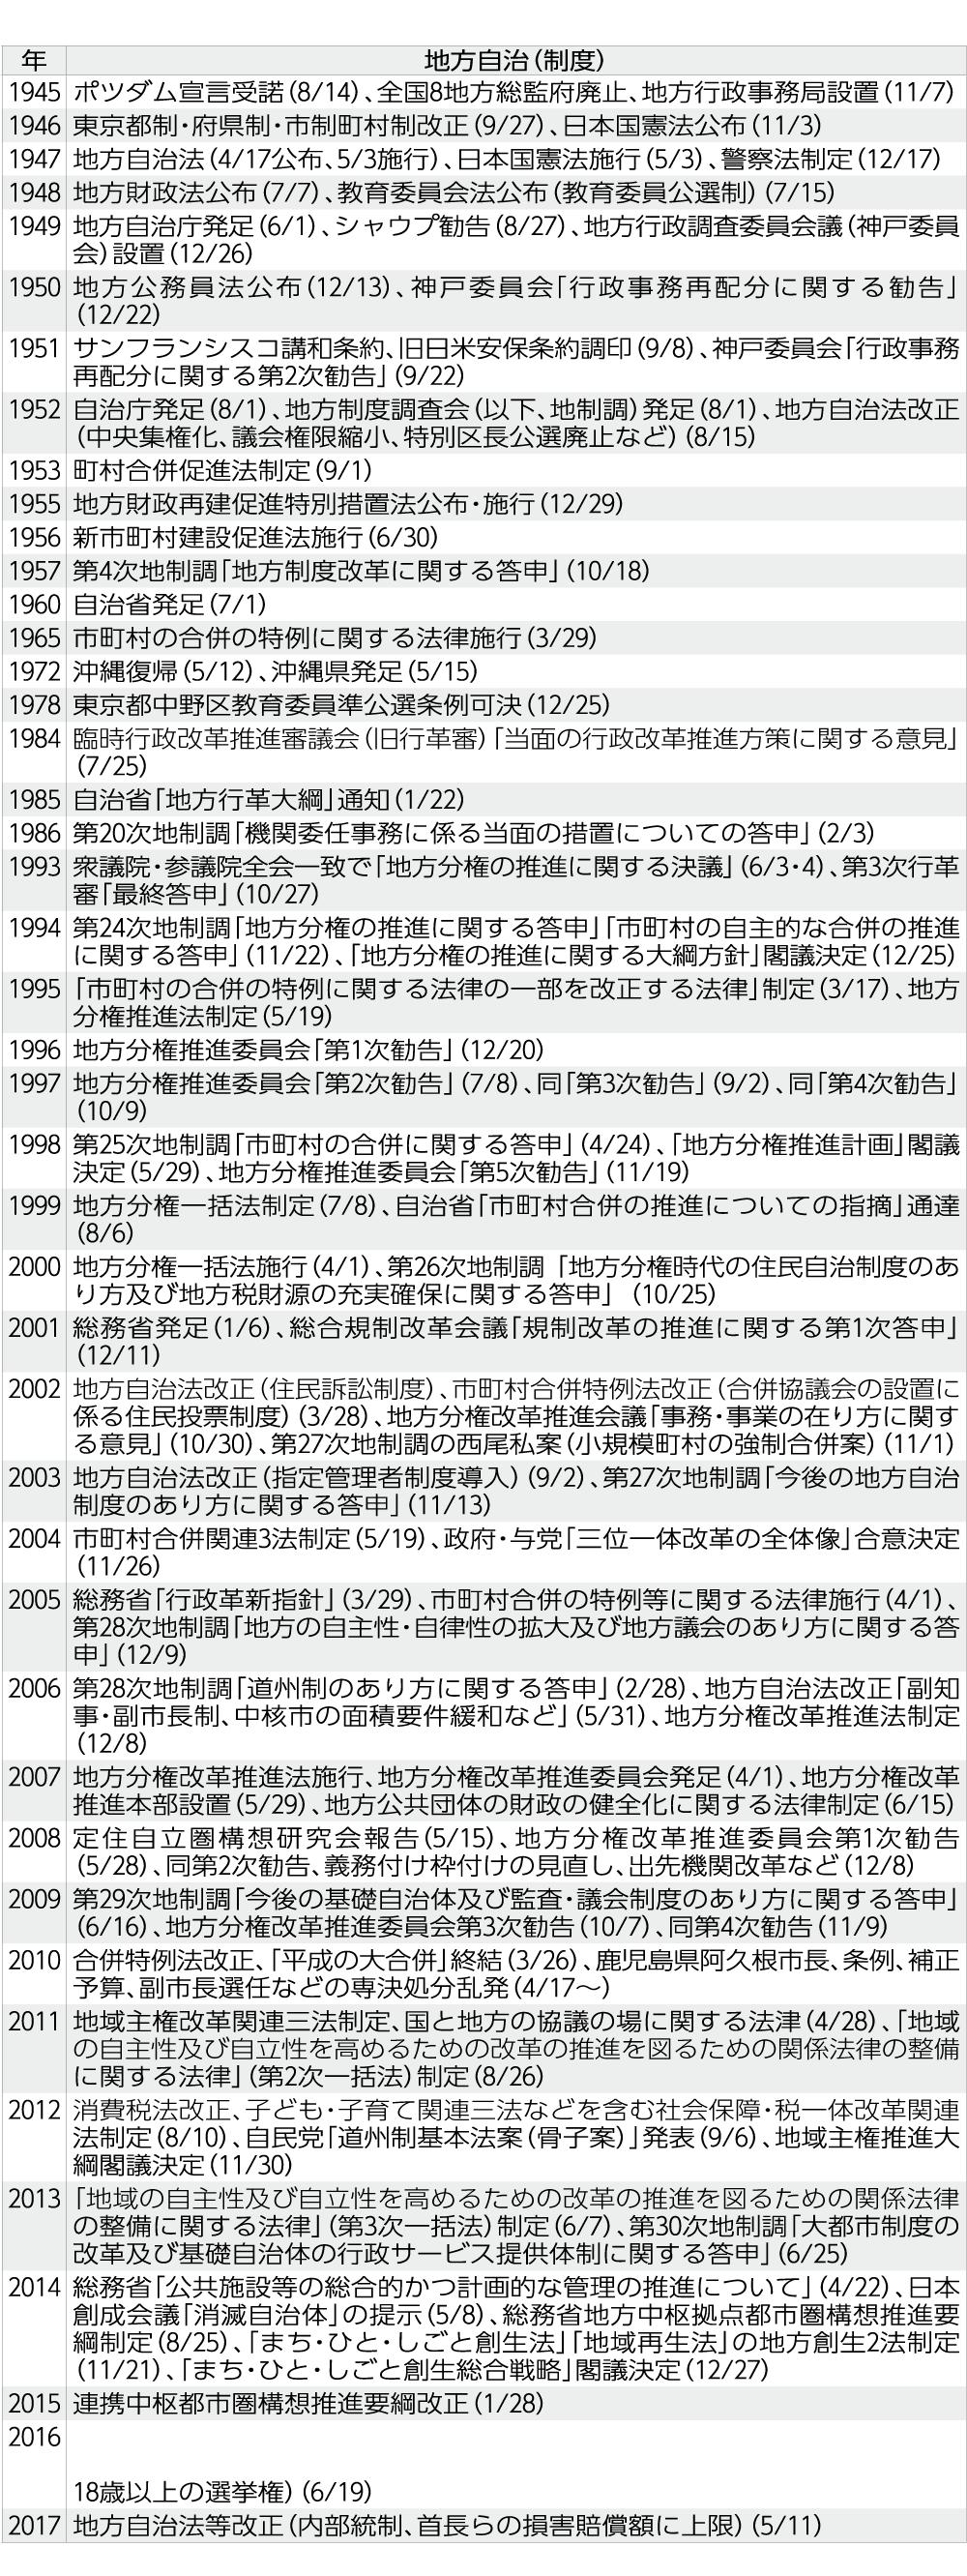 〈地方自治制度関連略年表〉